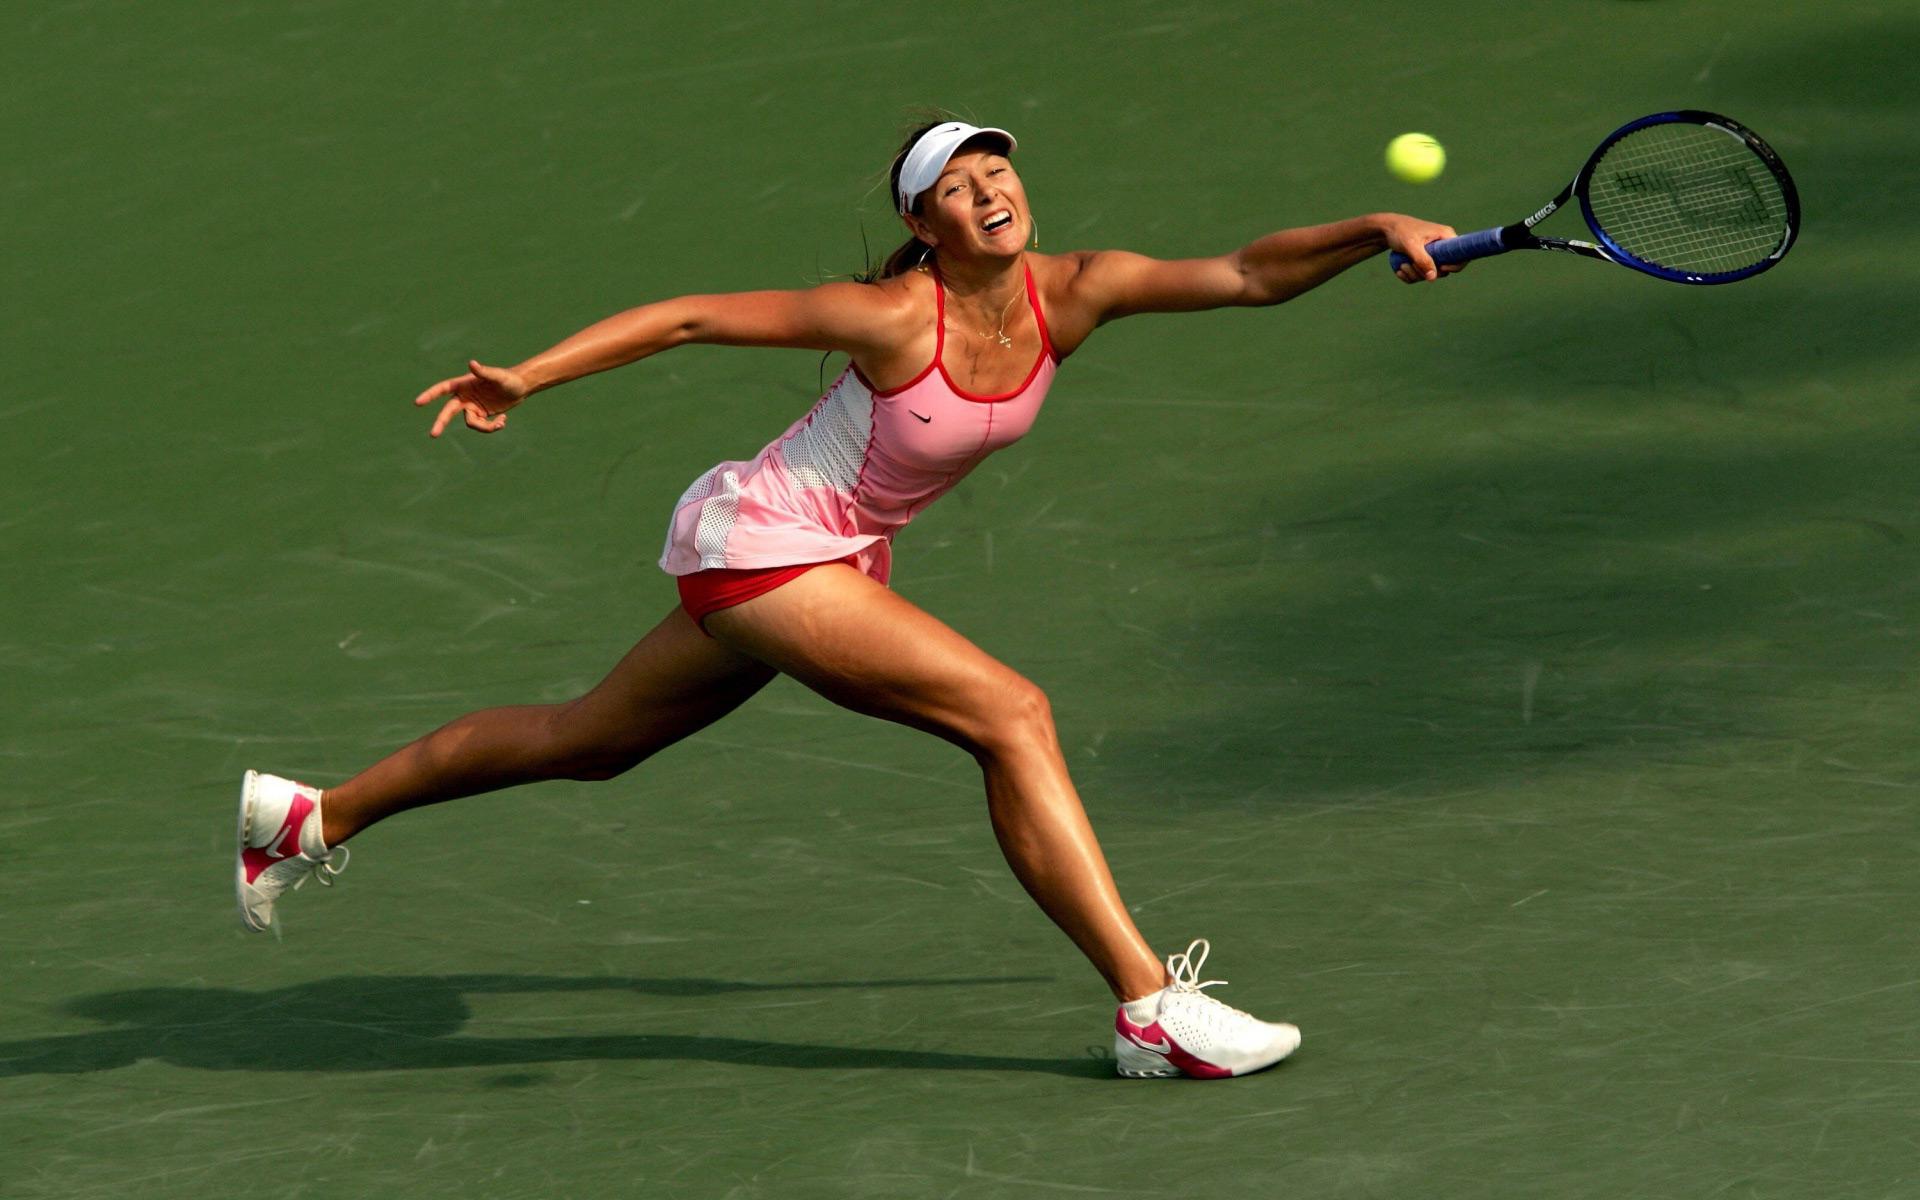 tennis a great sport